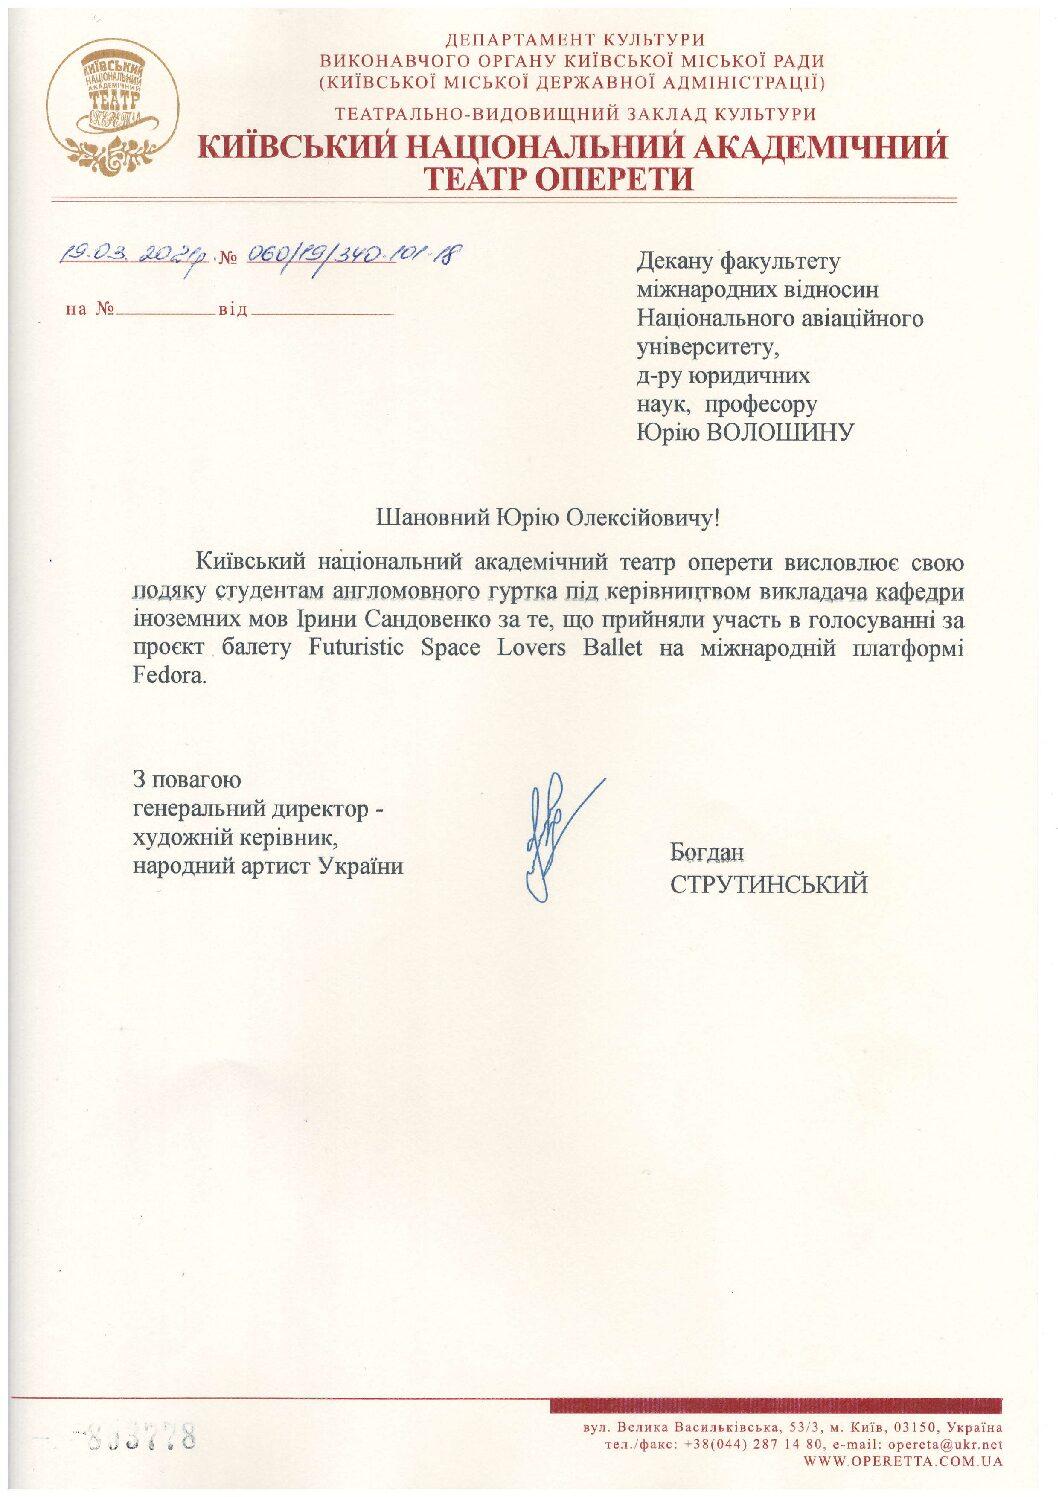 Подяка студентам Факультету міжнародних відносин НАУ від Київського національного академічного театру оперети